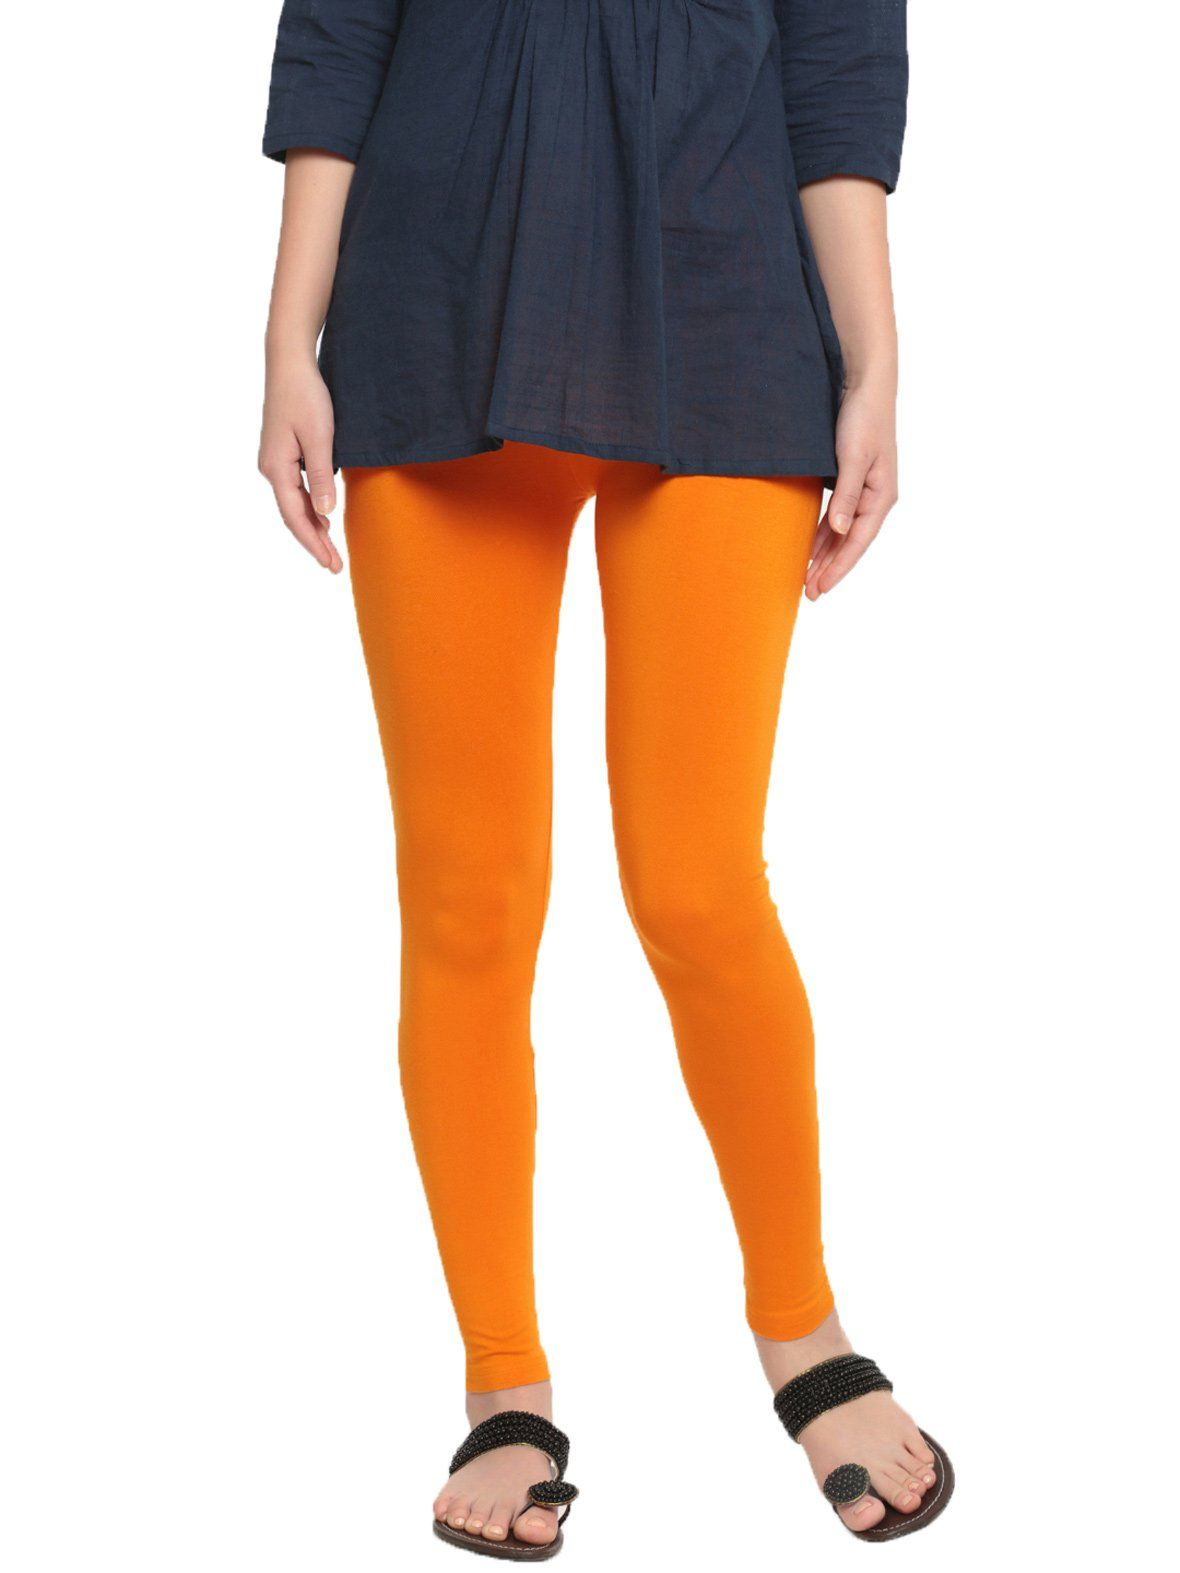 63e1d541b3cbe De Moza Womens Ankle length Leggings - Dark Yellow #indianfashion  #shoppinginindia #indigirl #bloggerbabes #hyderabadblogger #harem  #bloggerswanted ...